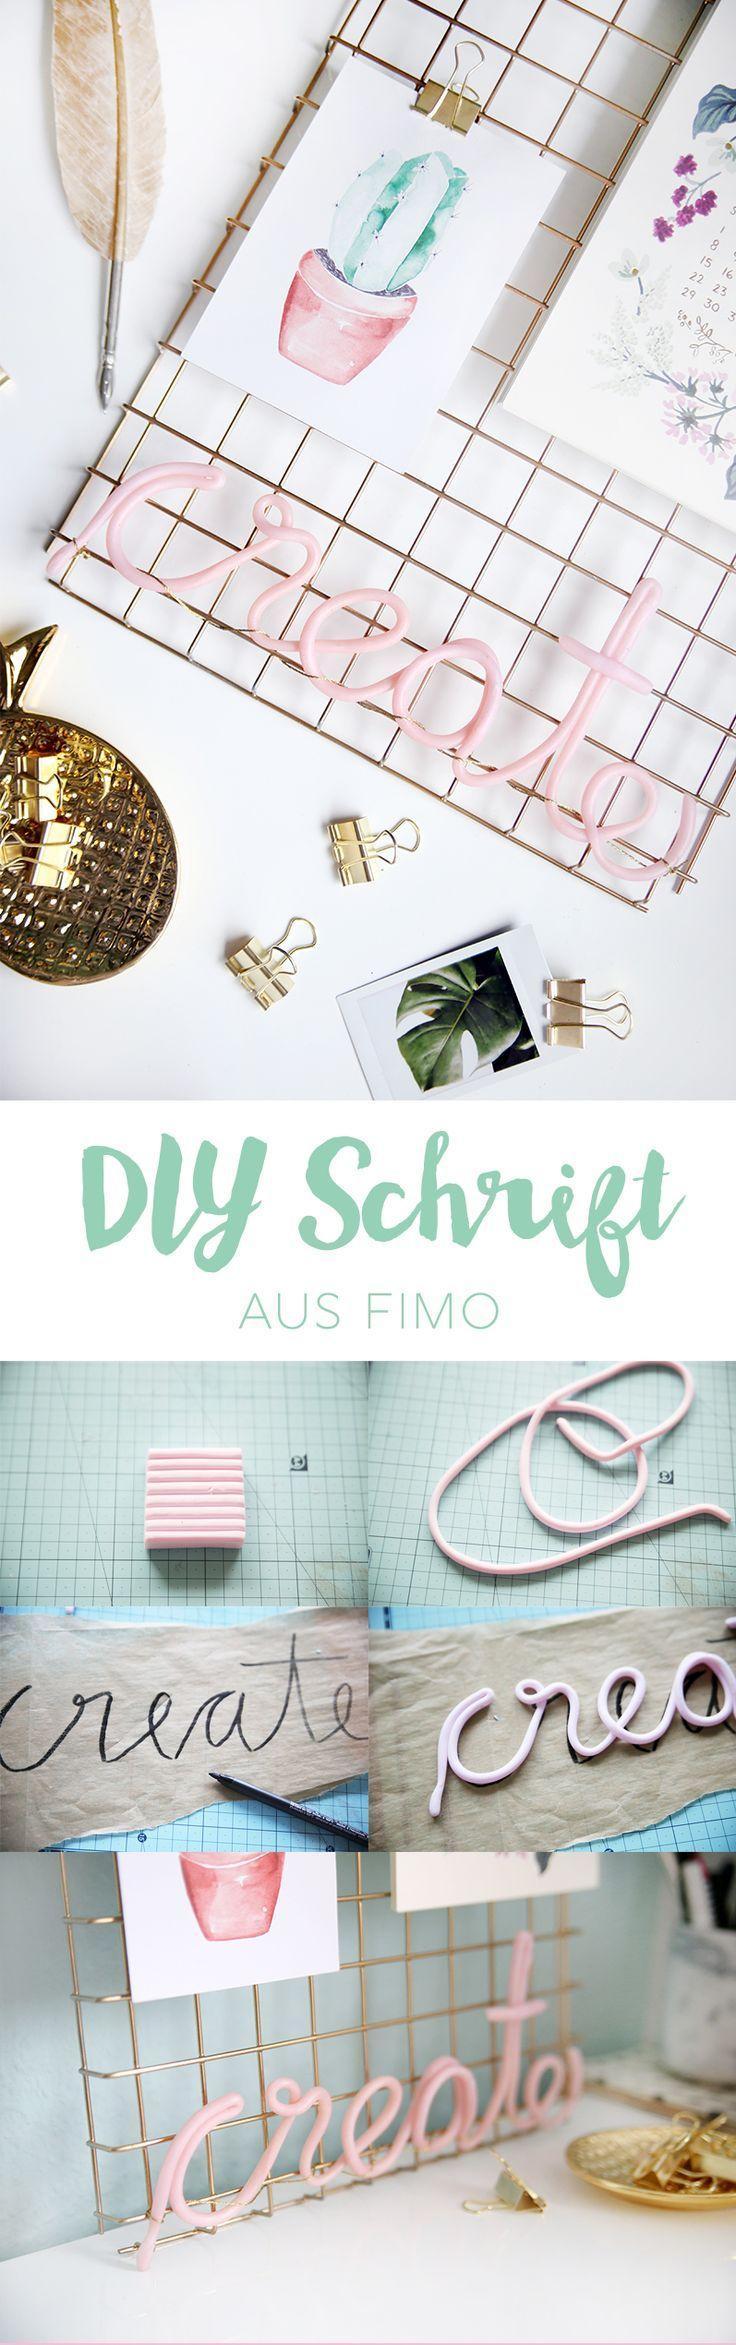 Charmant Kreative DIY Idee Zum Selbermachen: Schriftzug Aus Fimo Basteln